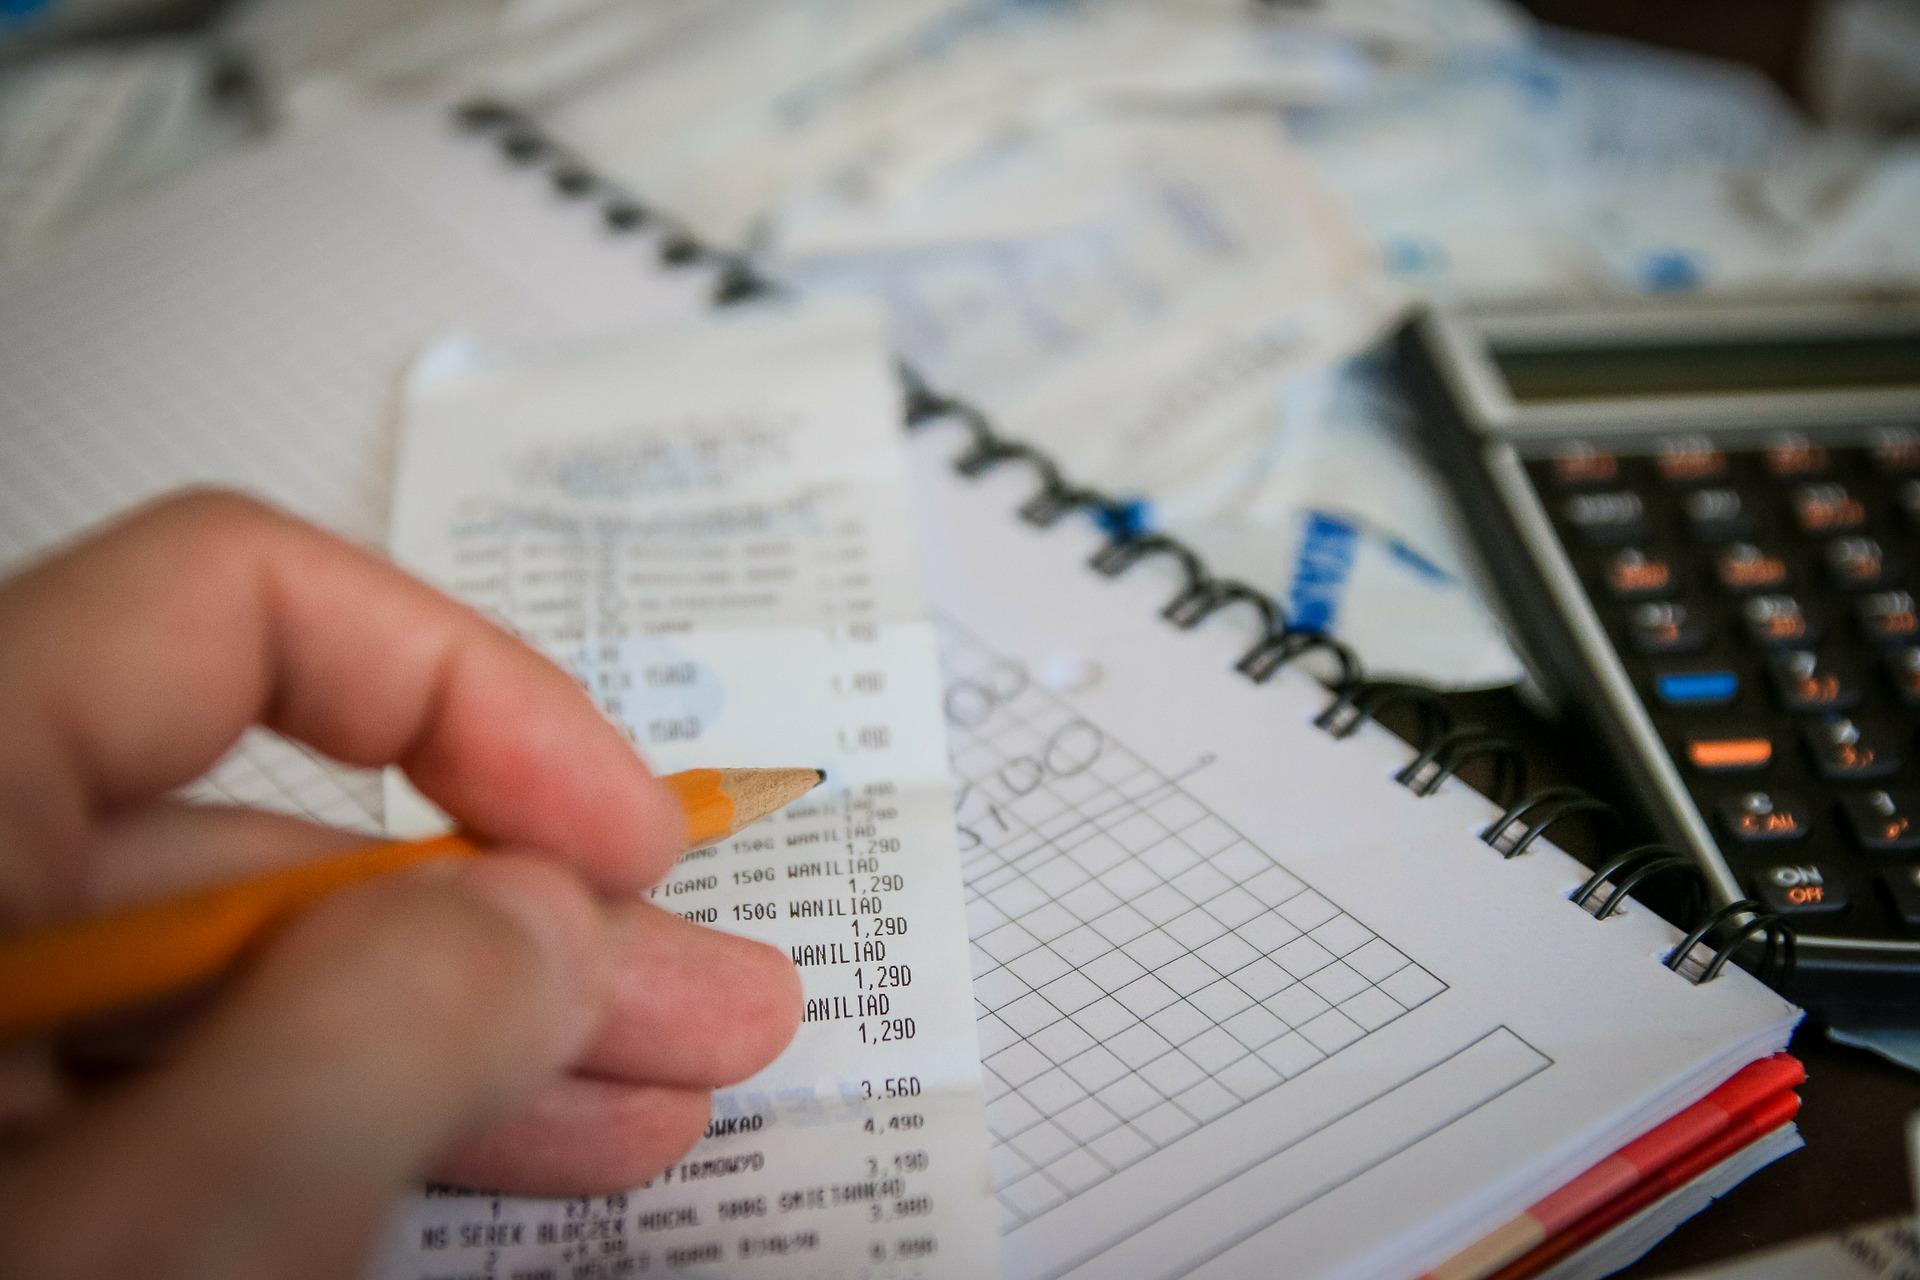 消費税10%の影響を各種指標から確認してみよう|まだまだ様子見か?